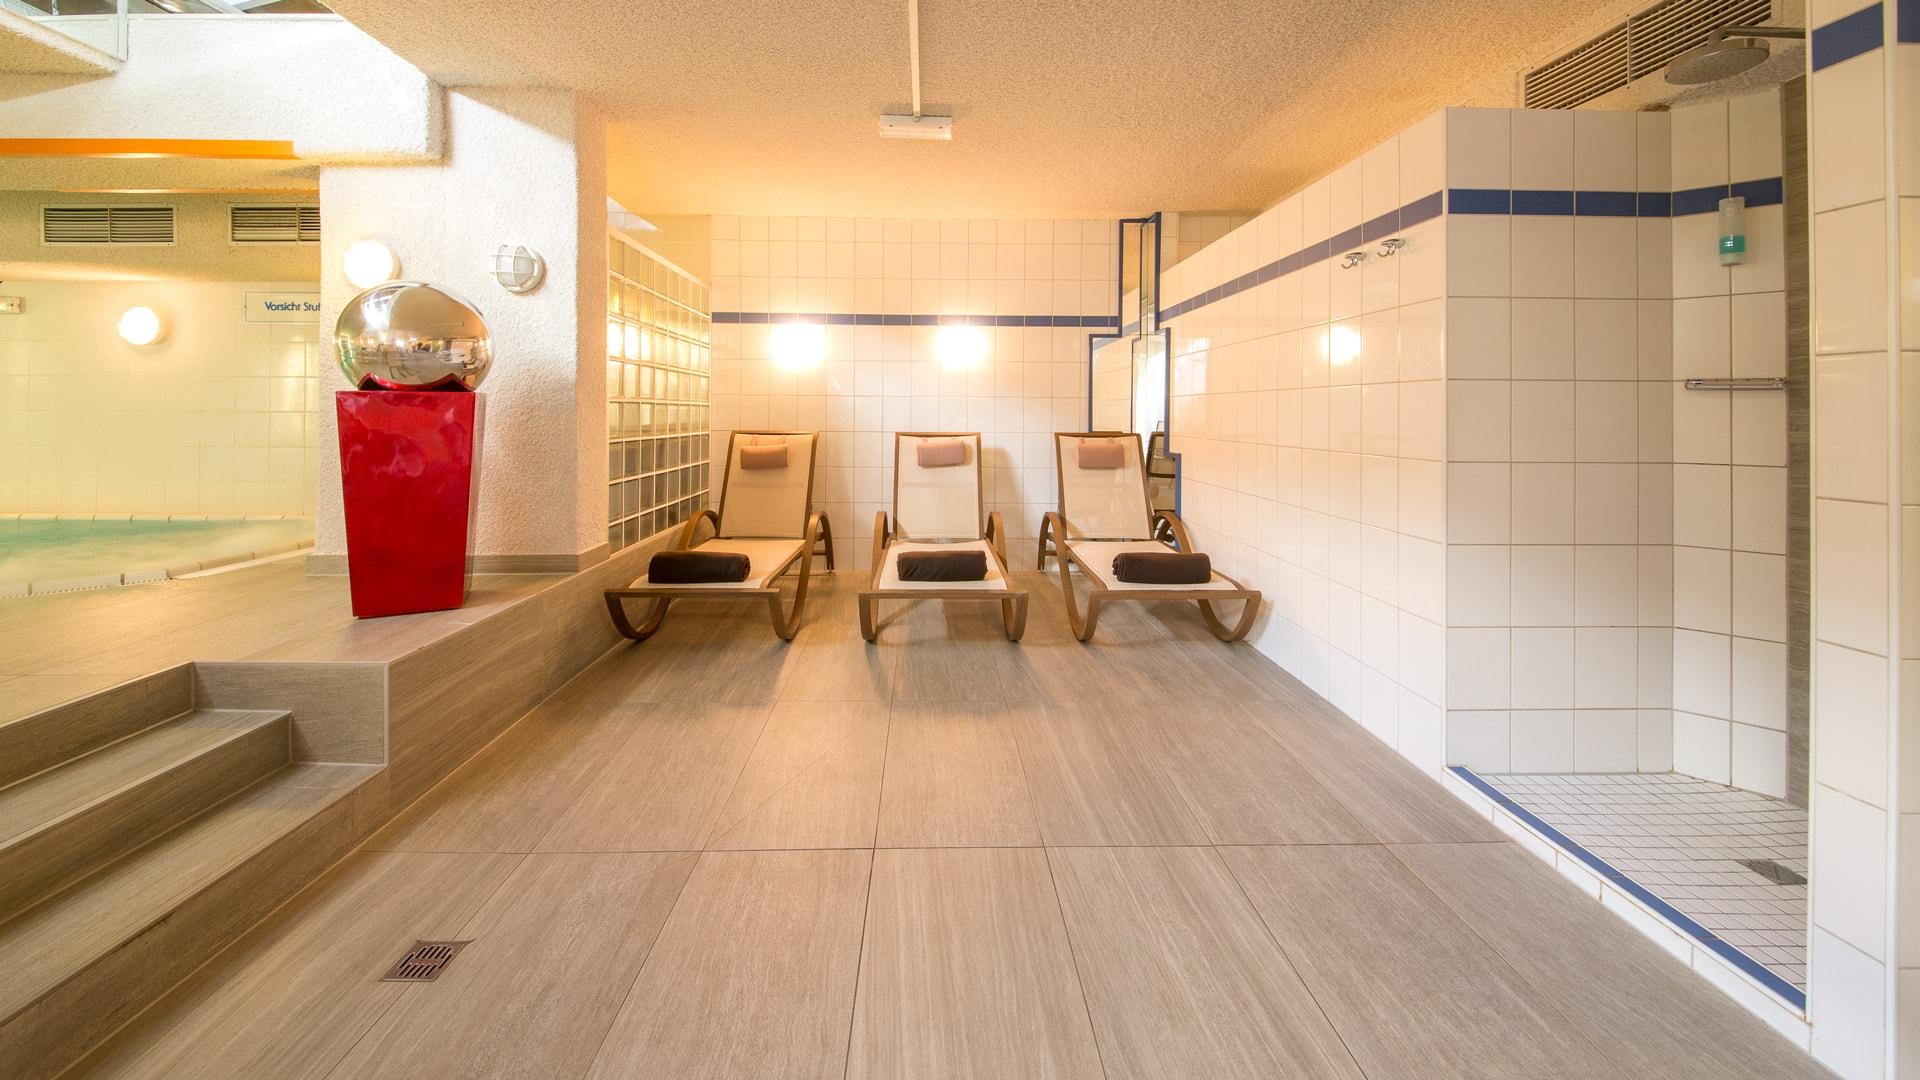 51 Michels_Hotels_Inselhotel_Vier_Jahreszeiten_Wellnessbereich_Am_Pool